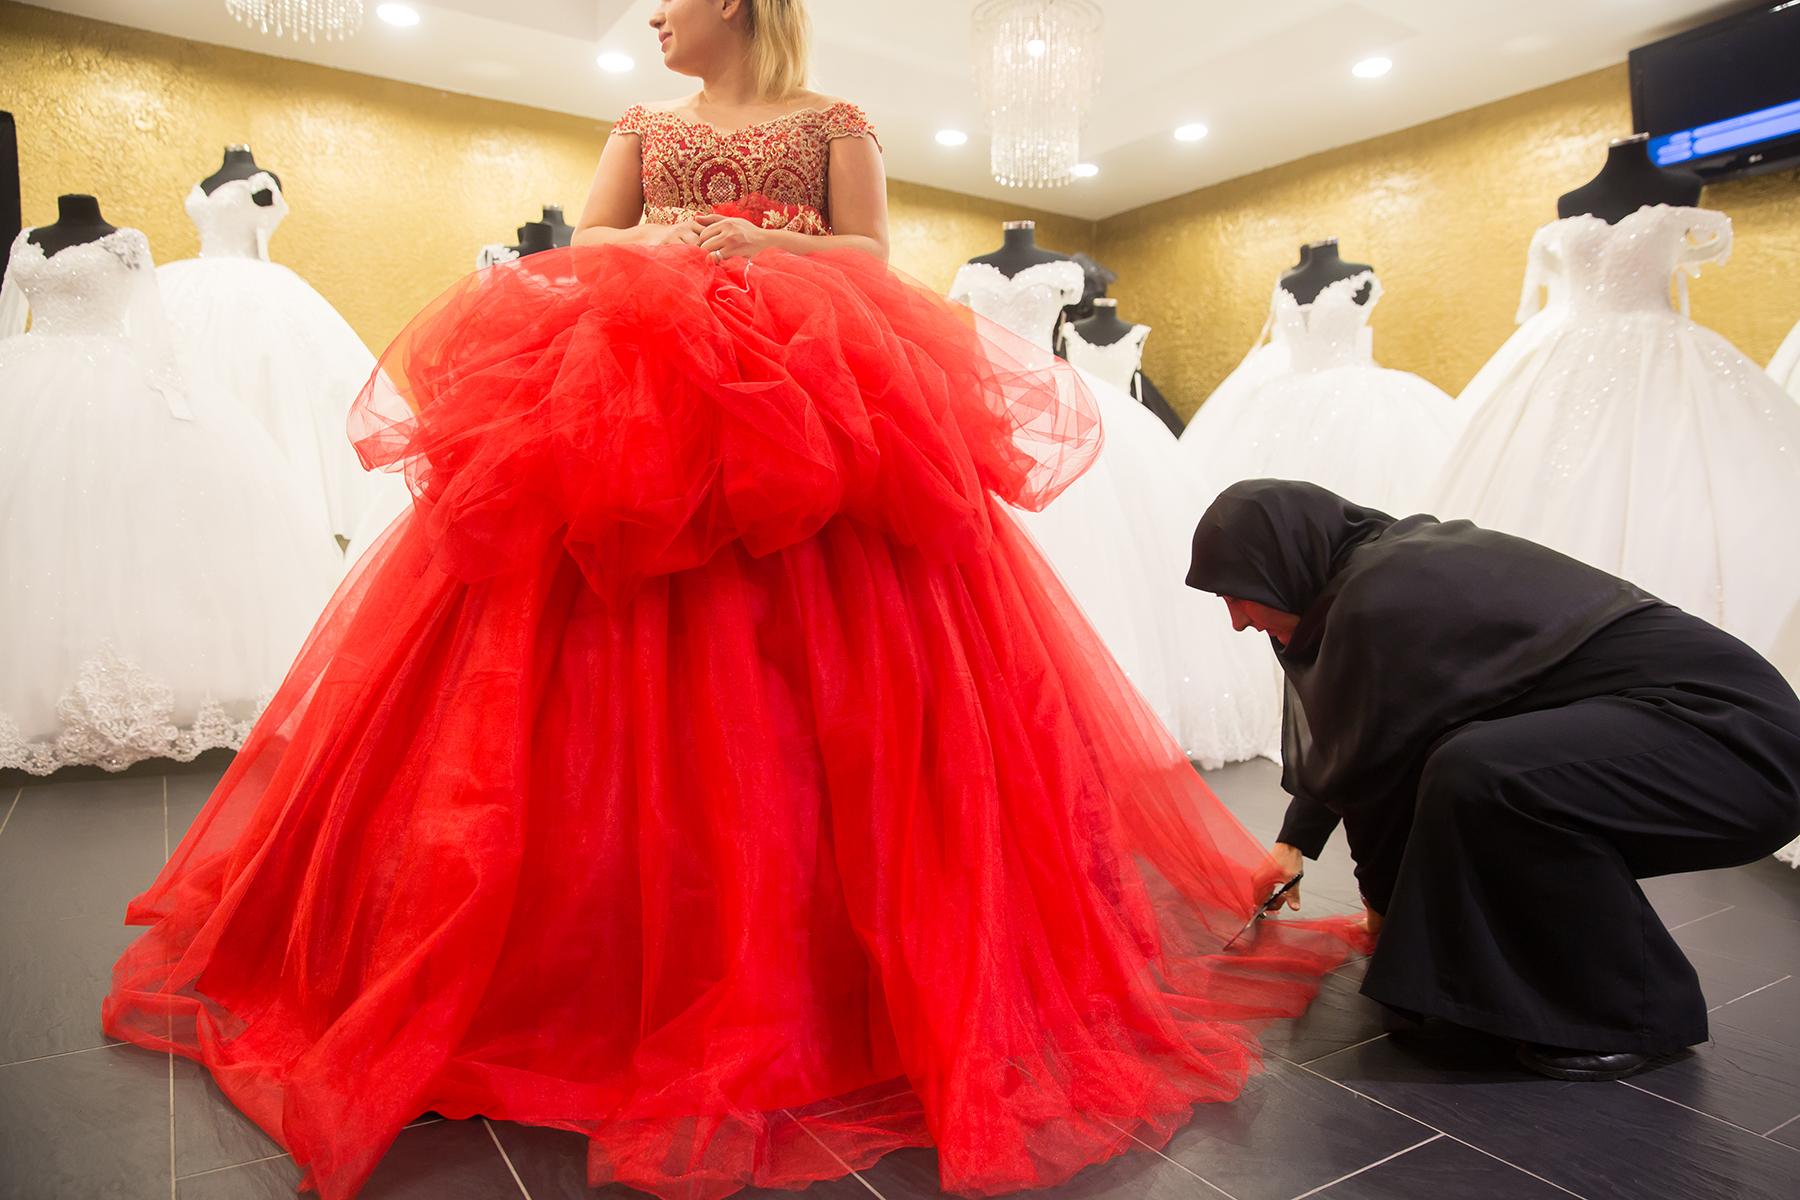 Isabela_Pacini_Turkish Bride_02.jpg